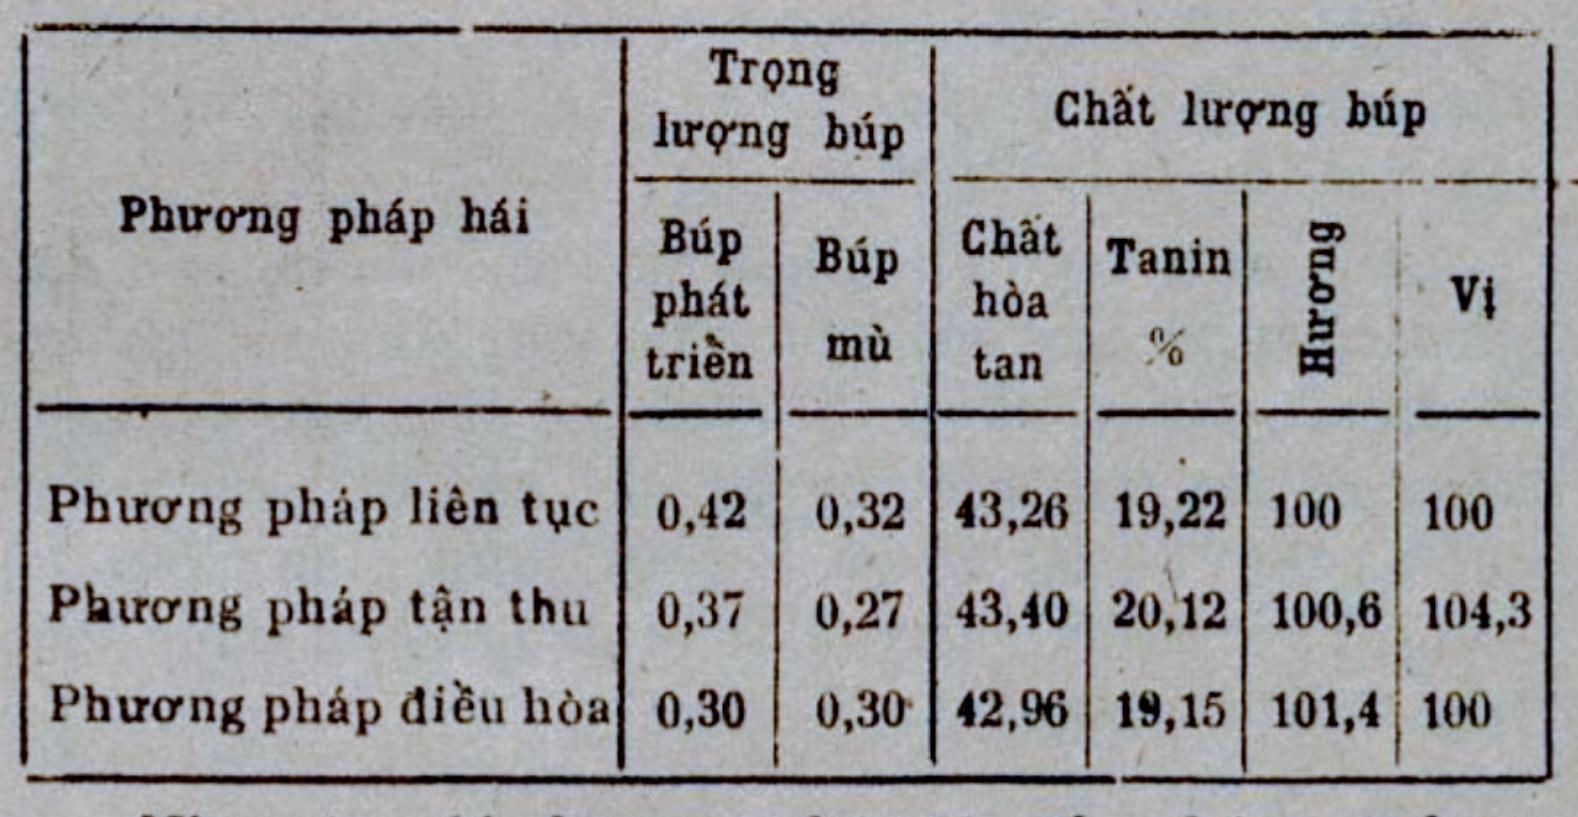 Bảng so sánh khối lượng và chất lượng của búp trà